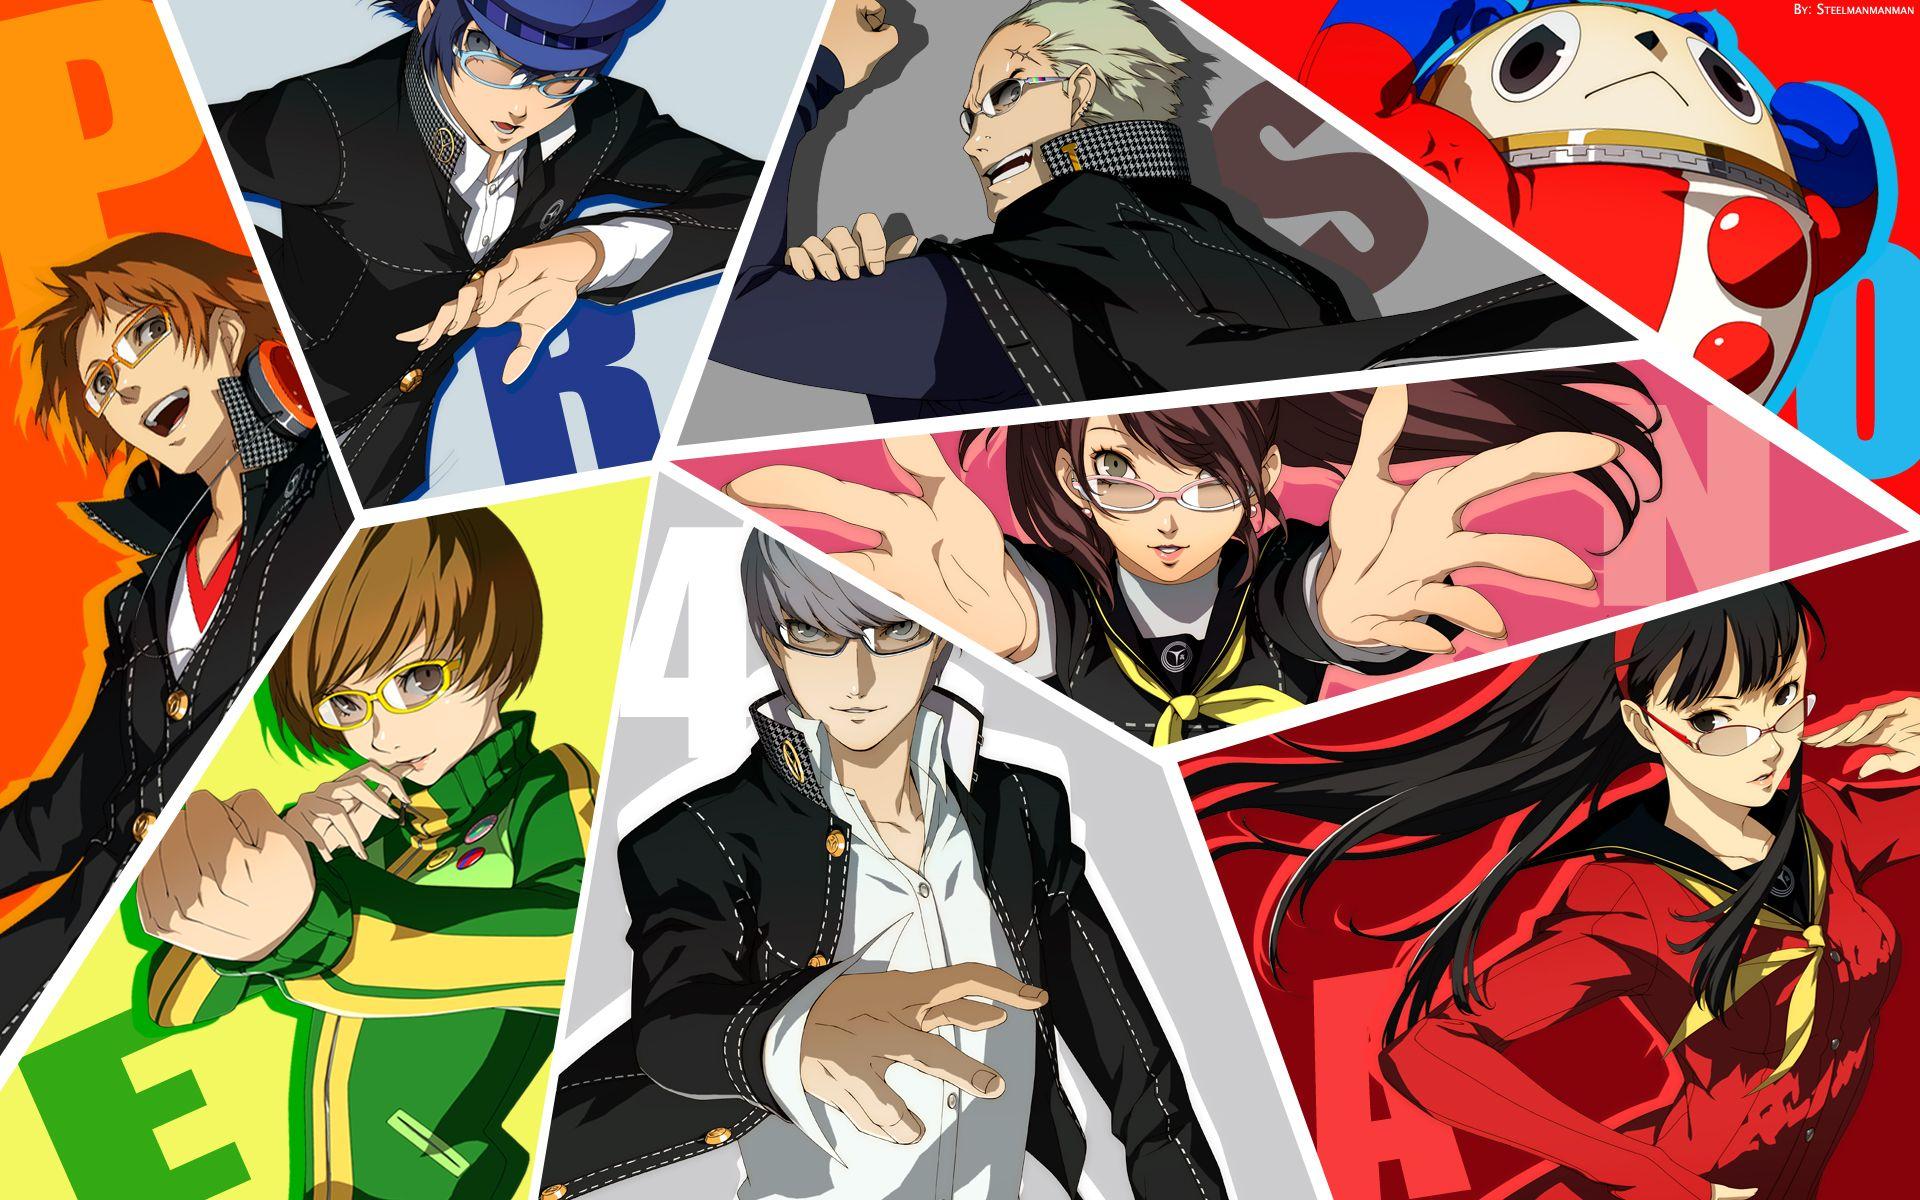 Persona Persona 4 Persona 4 Wallpaper Shin Megami Tensei Persona